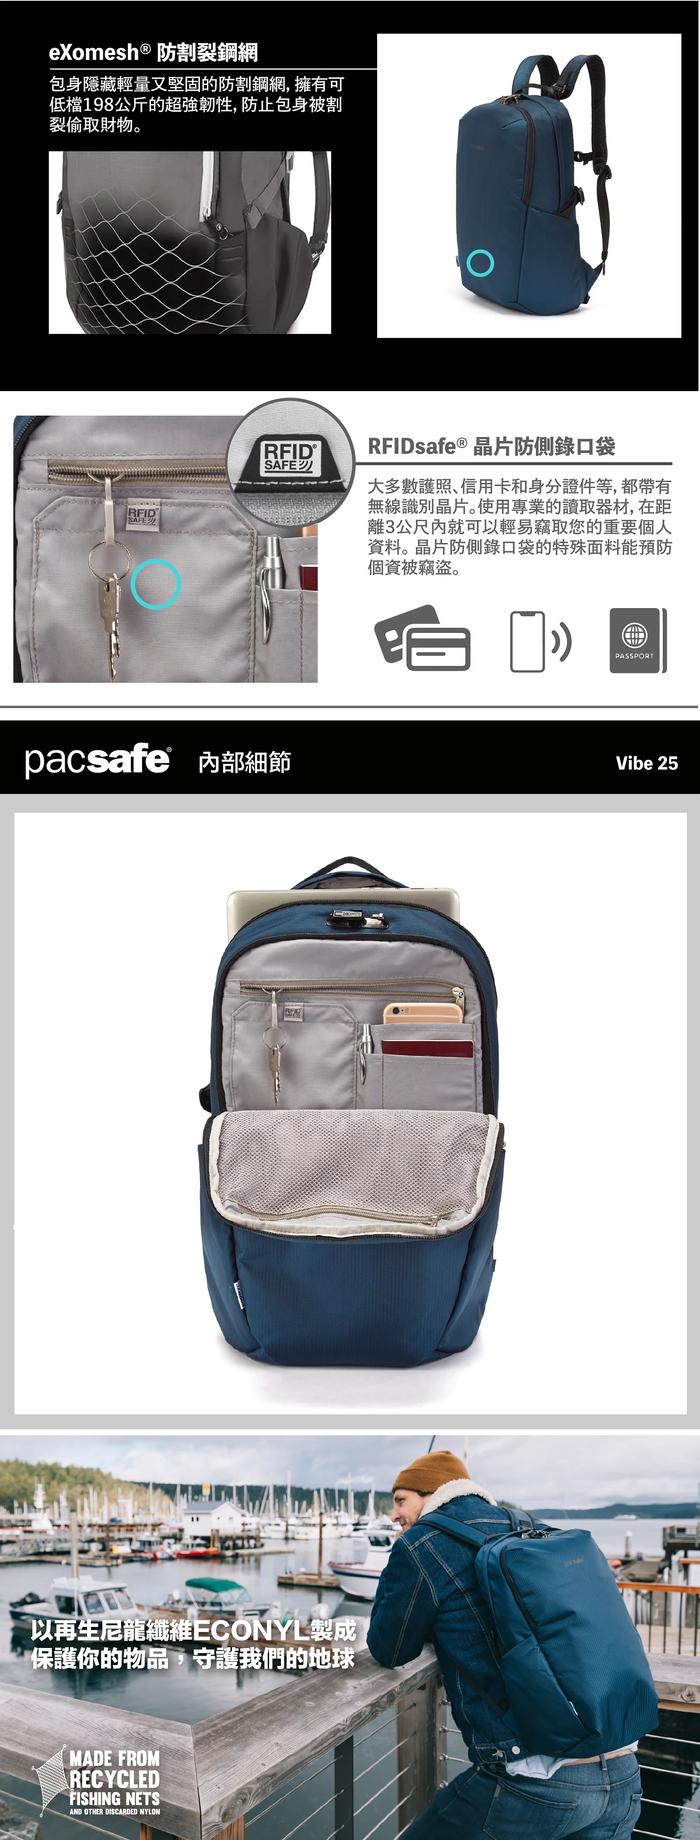 (複製)Pacsafe ECONYL® 再生材質|Metrosafe 都市防盜斜肩包 LS200(範例)